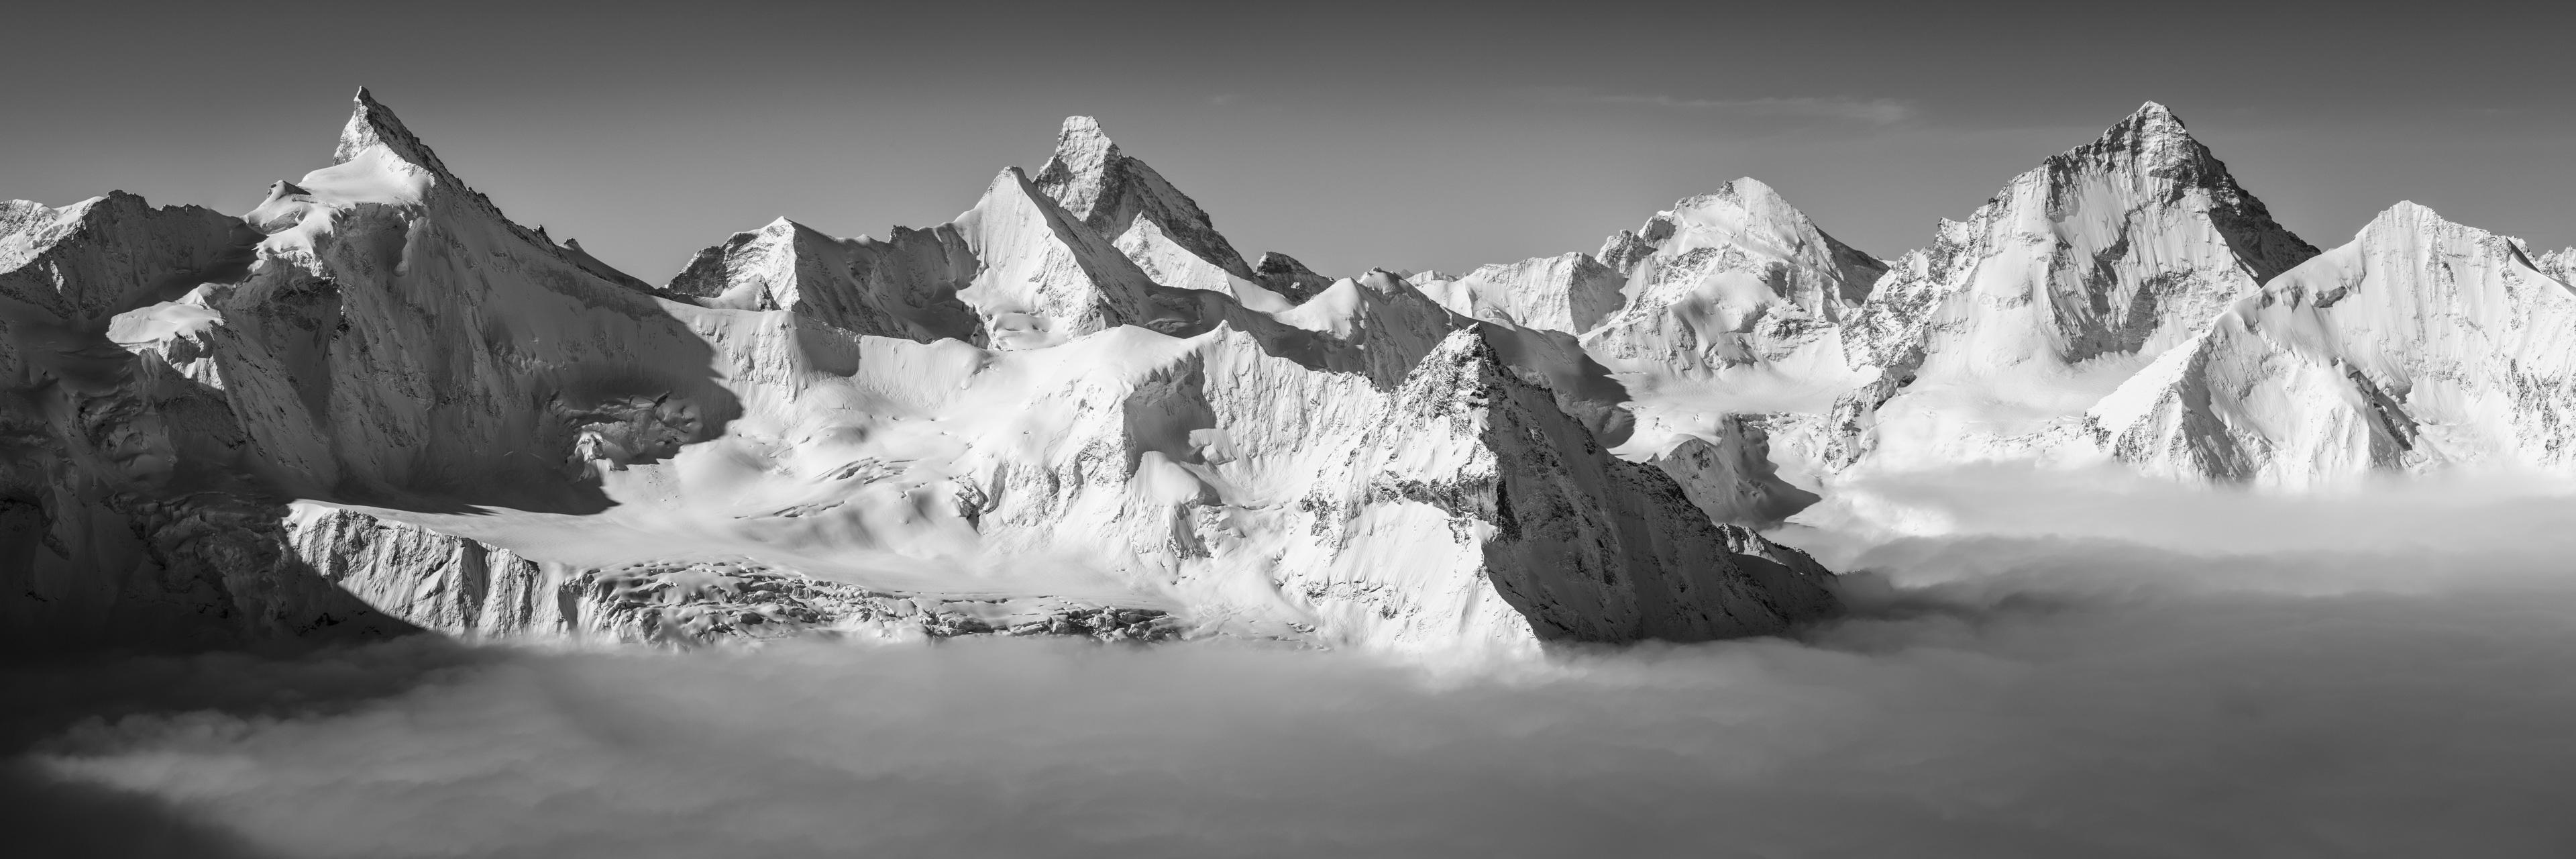 photo panoramique des alpes suisse - Photo montagne enneigée Vallée Zermatt - Photo de paysage de montagne - Photo montagne neige -